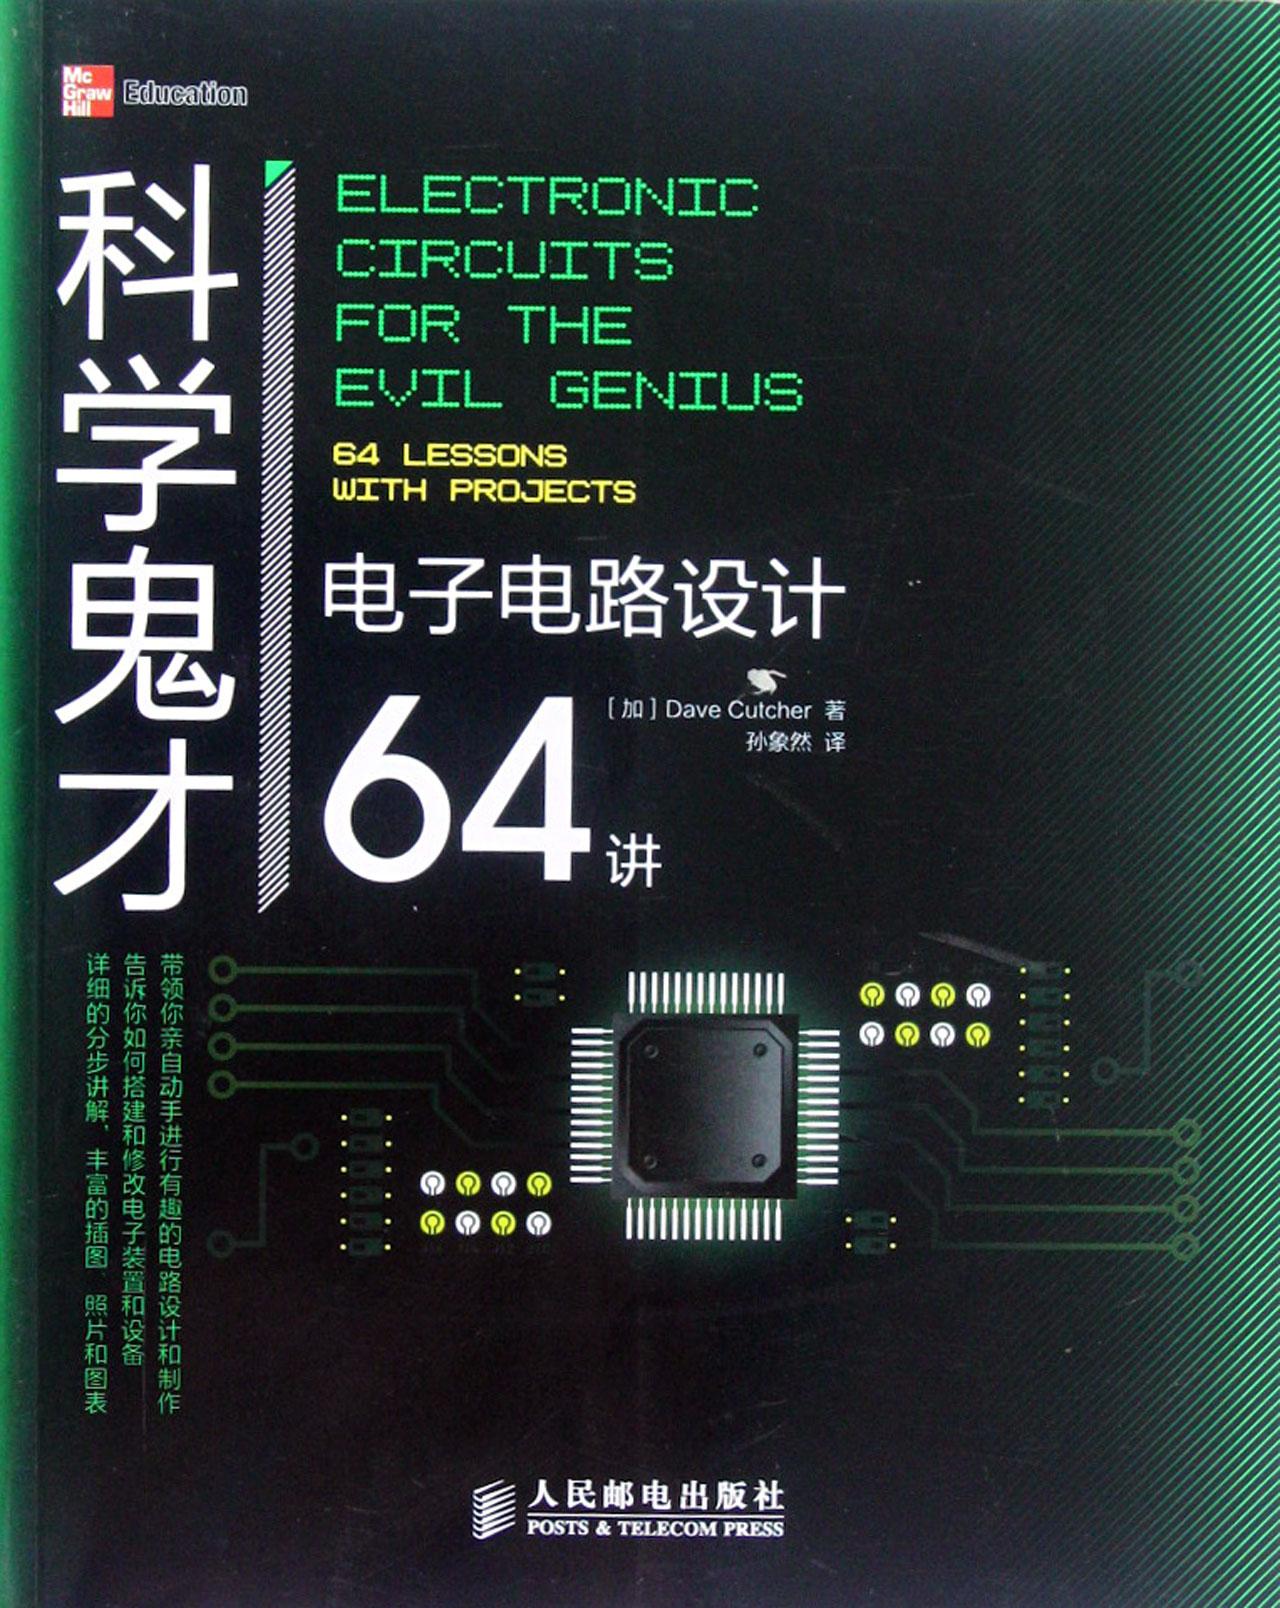 科学鬼才:电子电路设计64讲 [加][Dave.Cutcher著][扫描版][pdf]